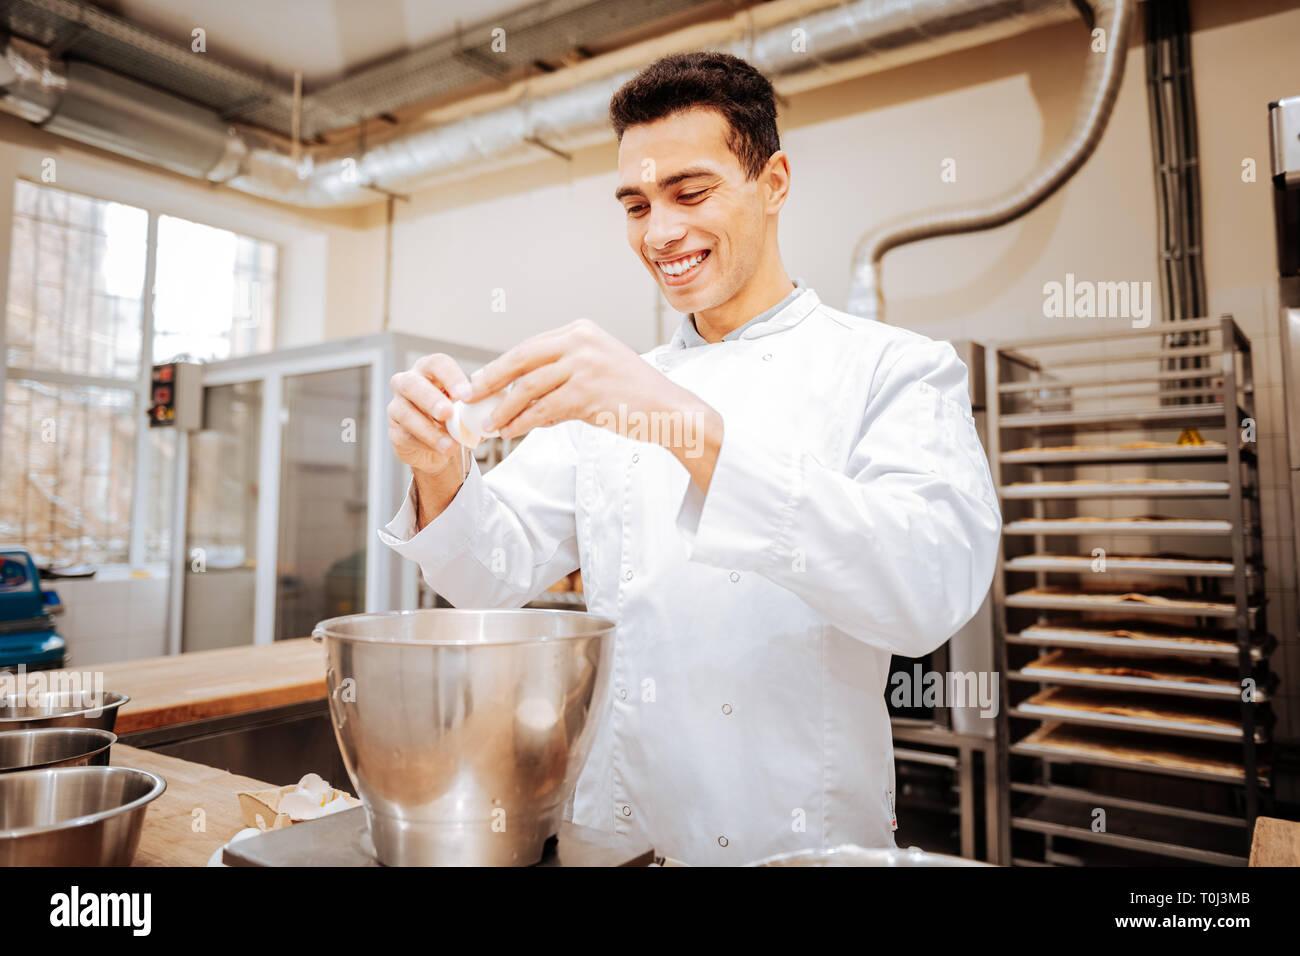 Übertragen von Bäcker gutes Gefühl während in den Morgen arbeiten Stockbild